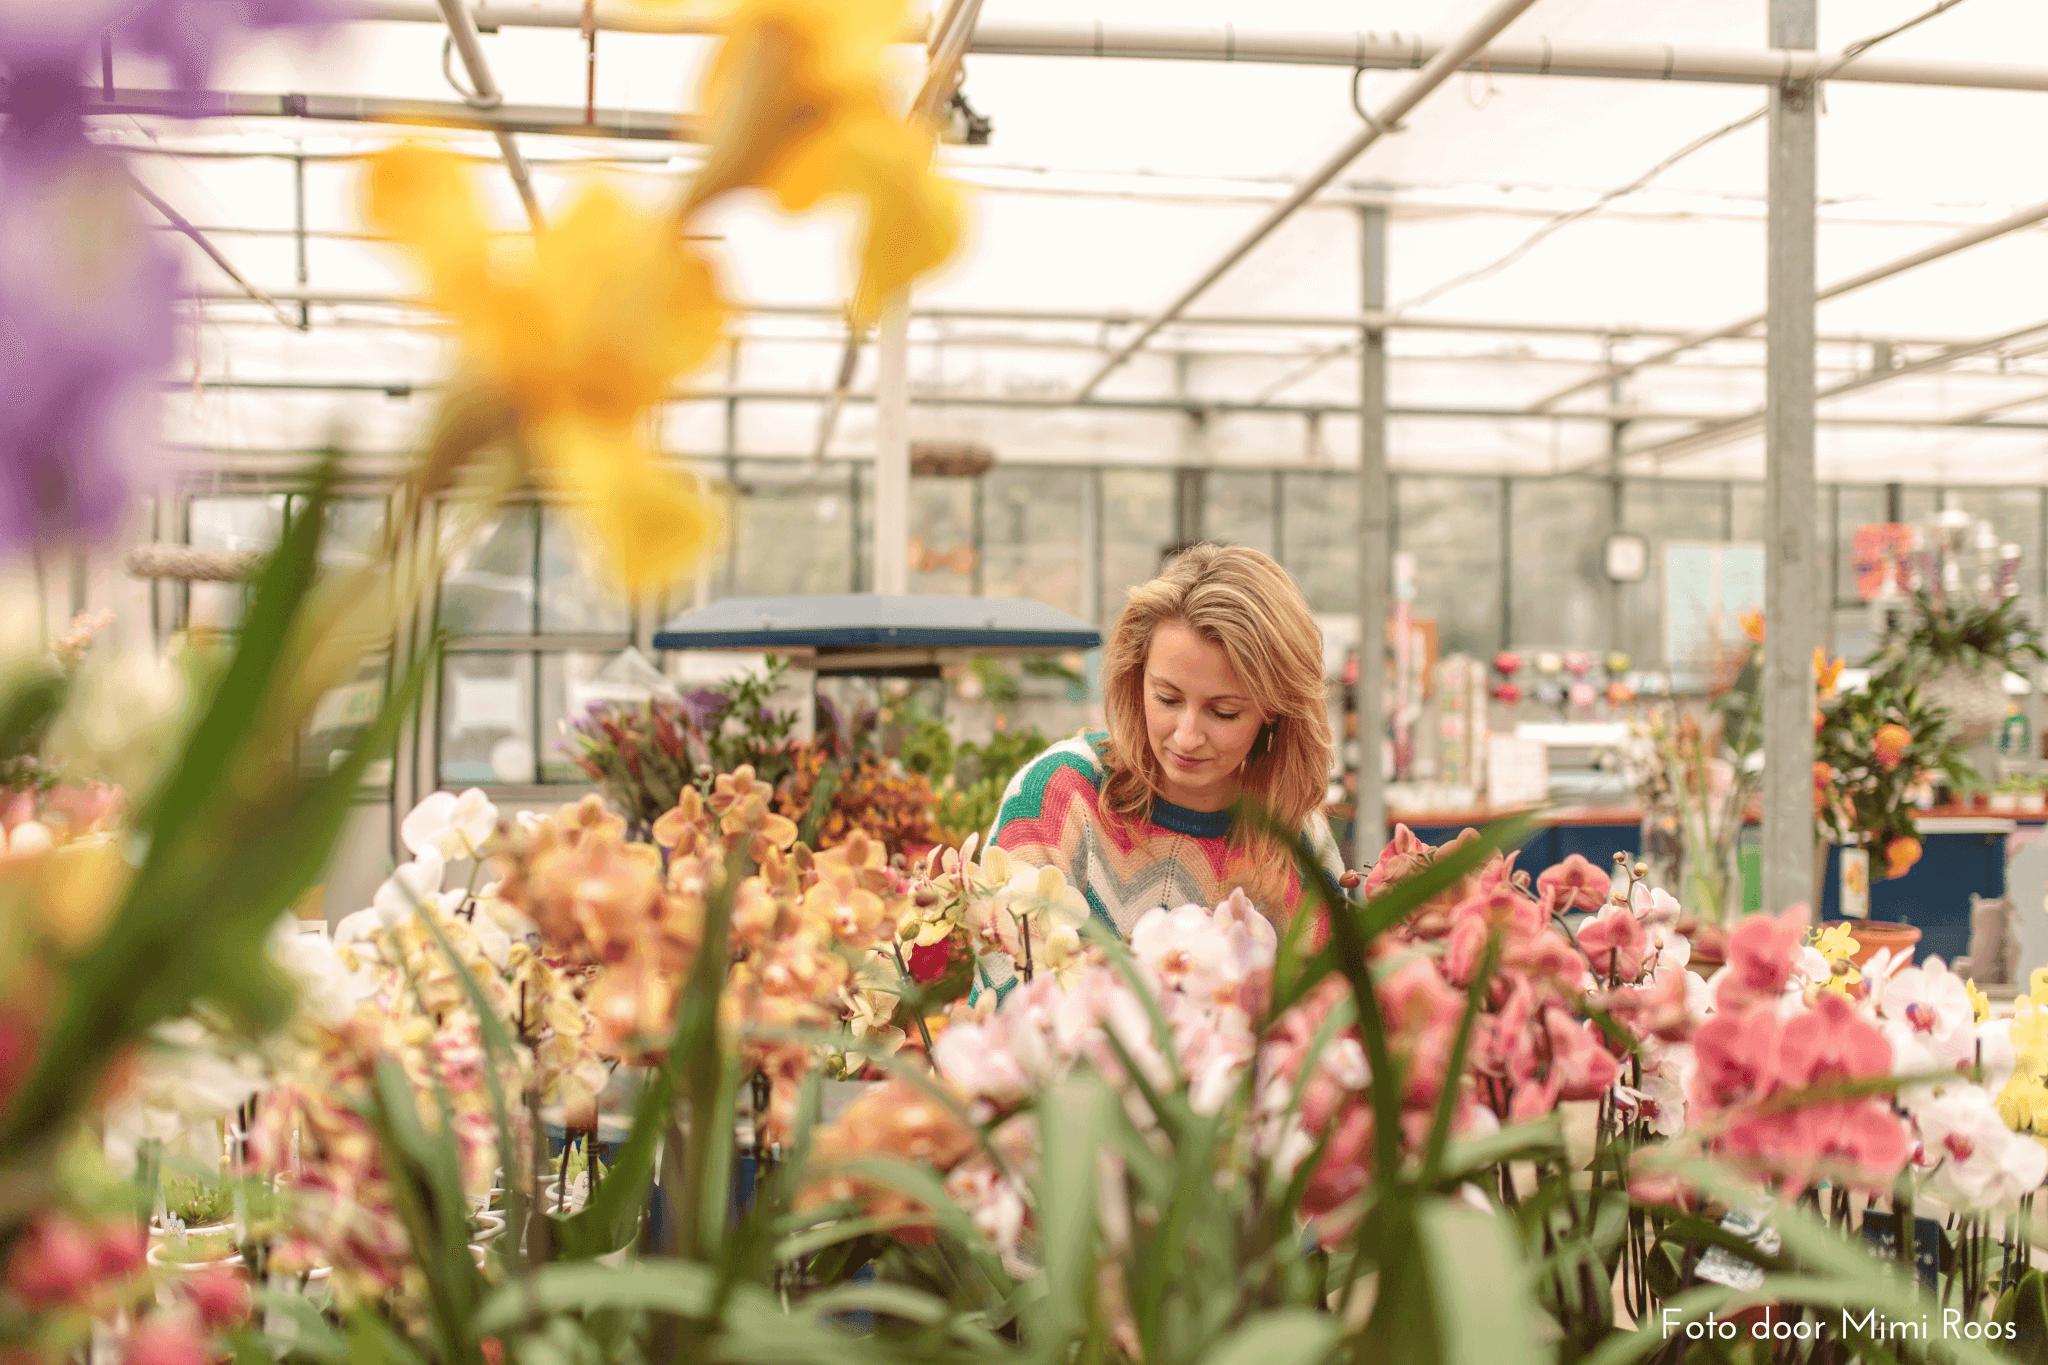 Amanda de Bruin Wiegman blogger mindandbeauty.nl bij De Proeftuin met orchideeën